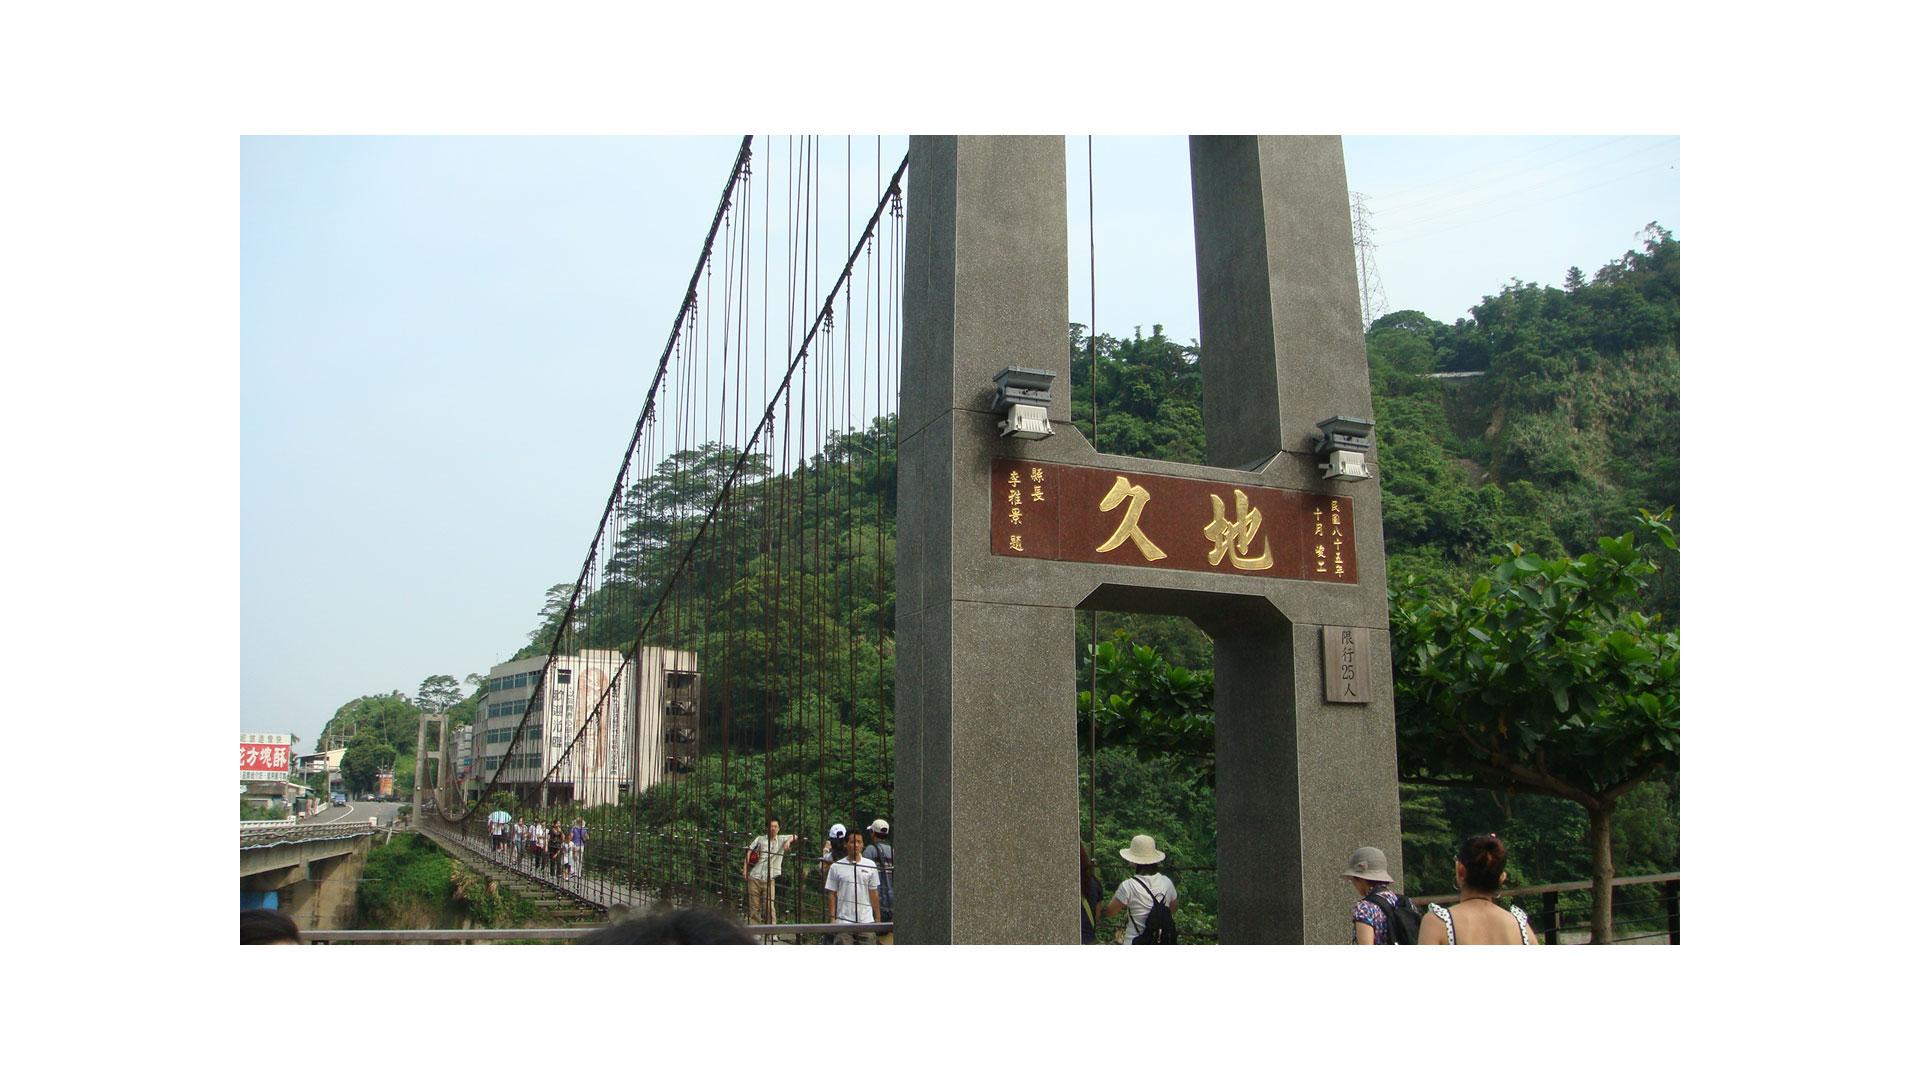 阿里山天长地久桥